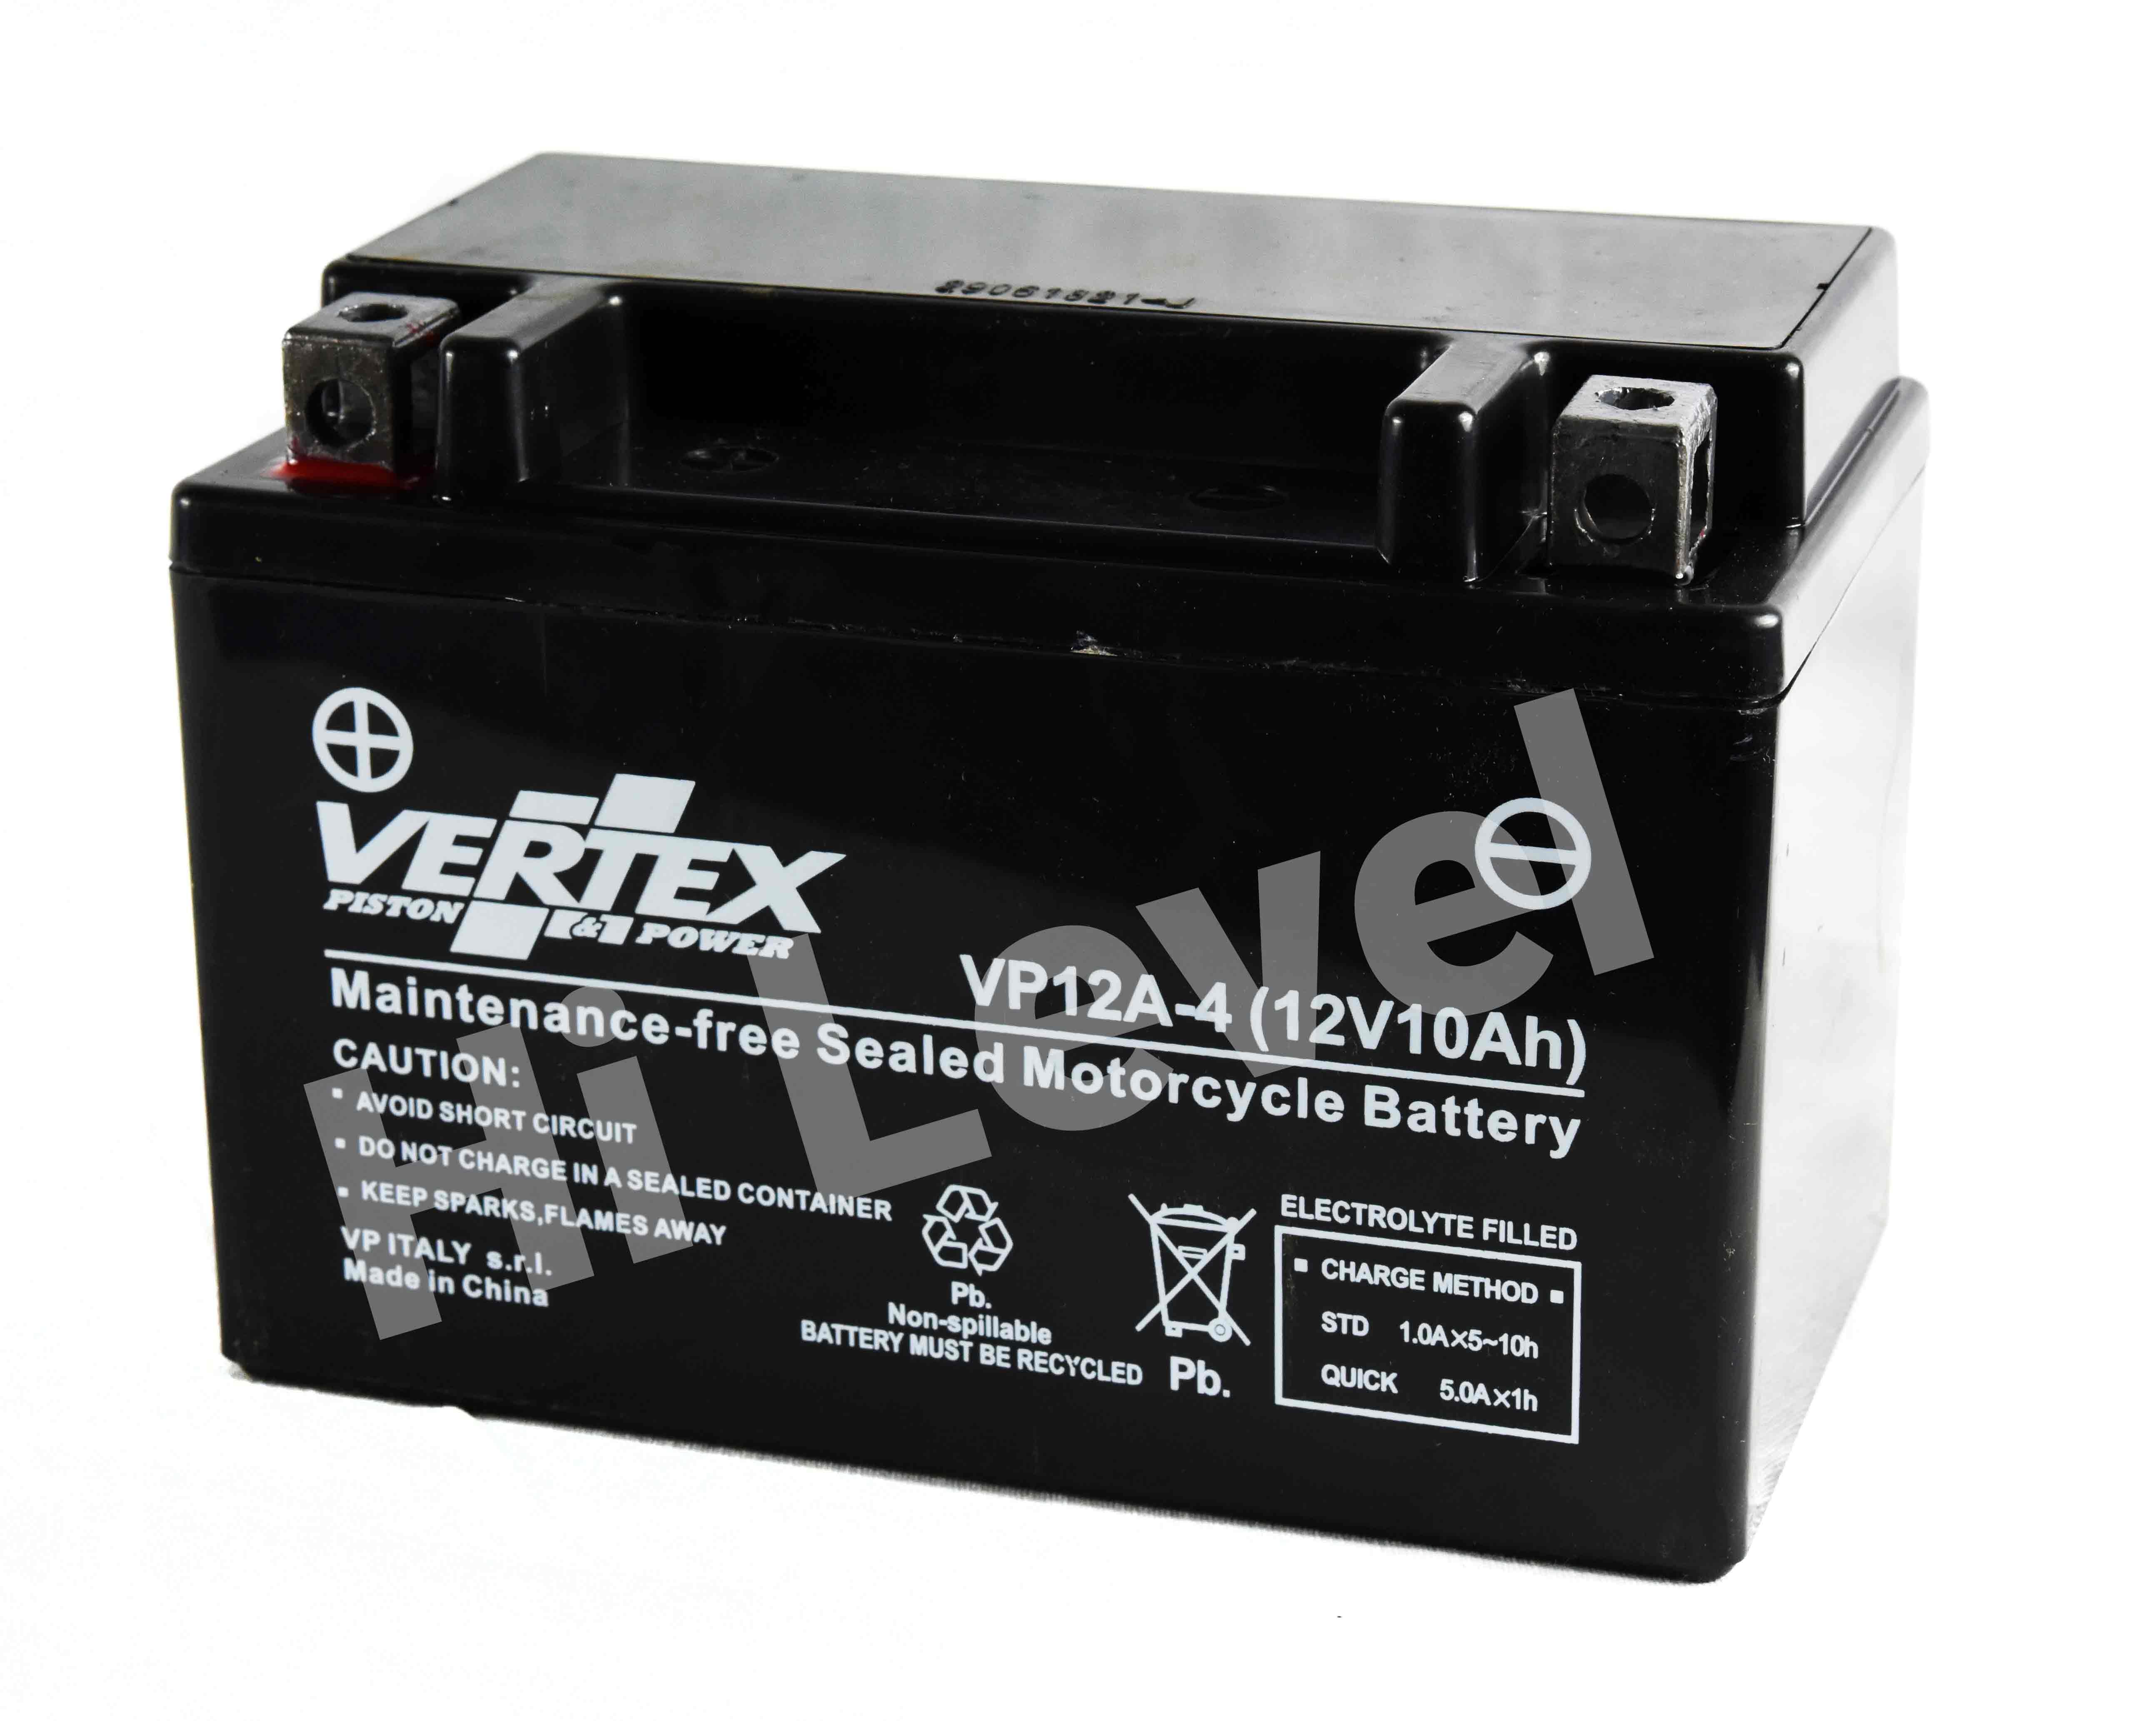 Vertex agm battery for Aprilia Tuono 1000 V4 R 167